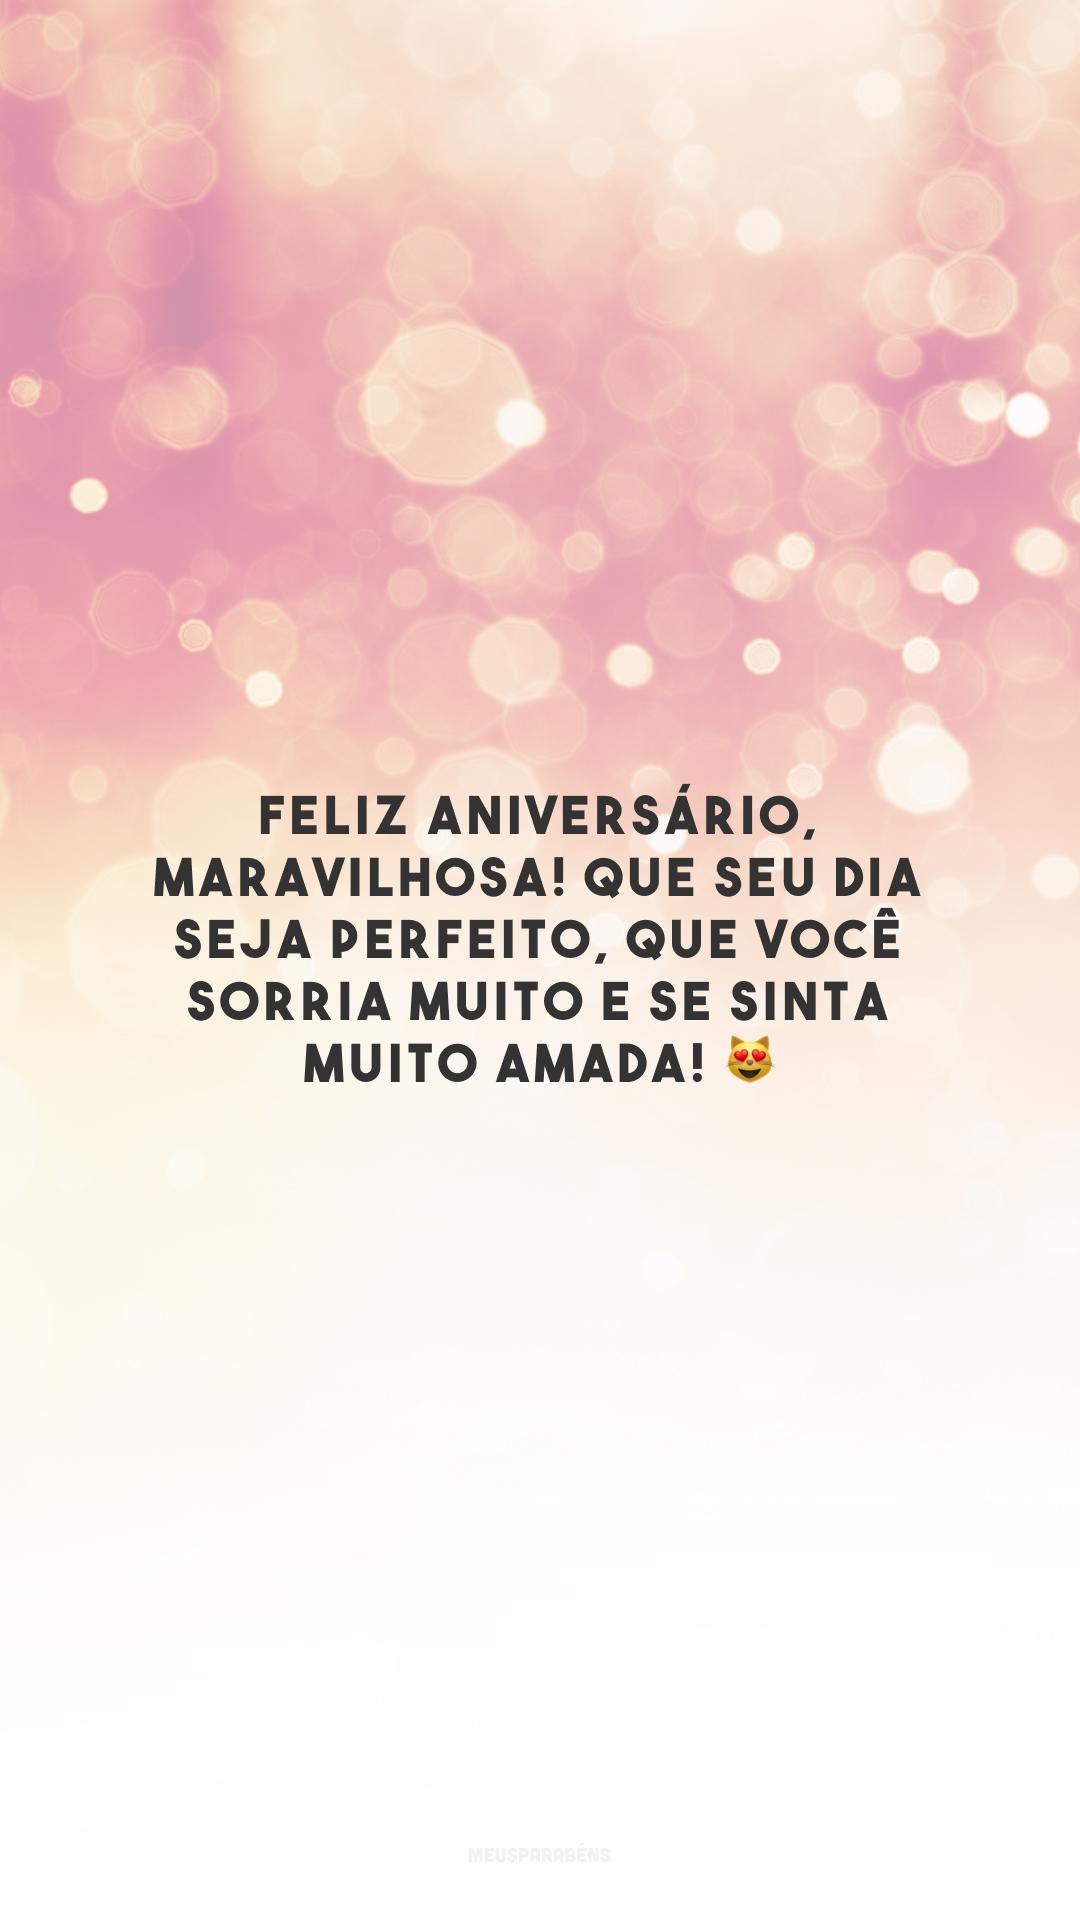 Feliz aniversário, maravilhosa! Que seu dia seja perfeito, que você sorria muito e se sinta muito amada! 😻